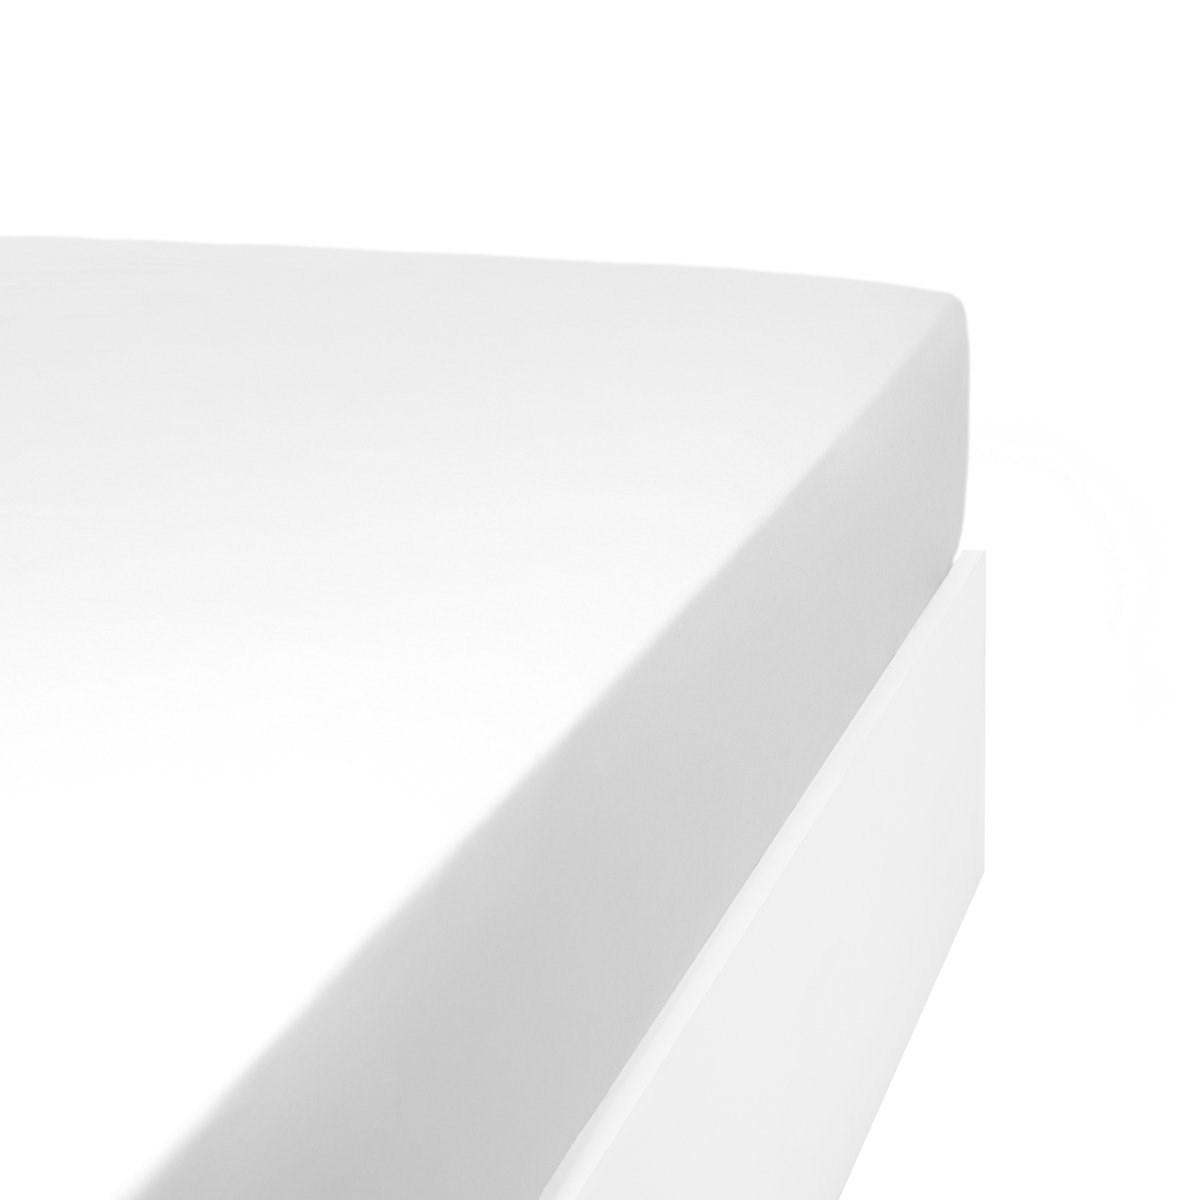 Drap housse jersey extensible lit double en coton blanc 100x200 cm